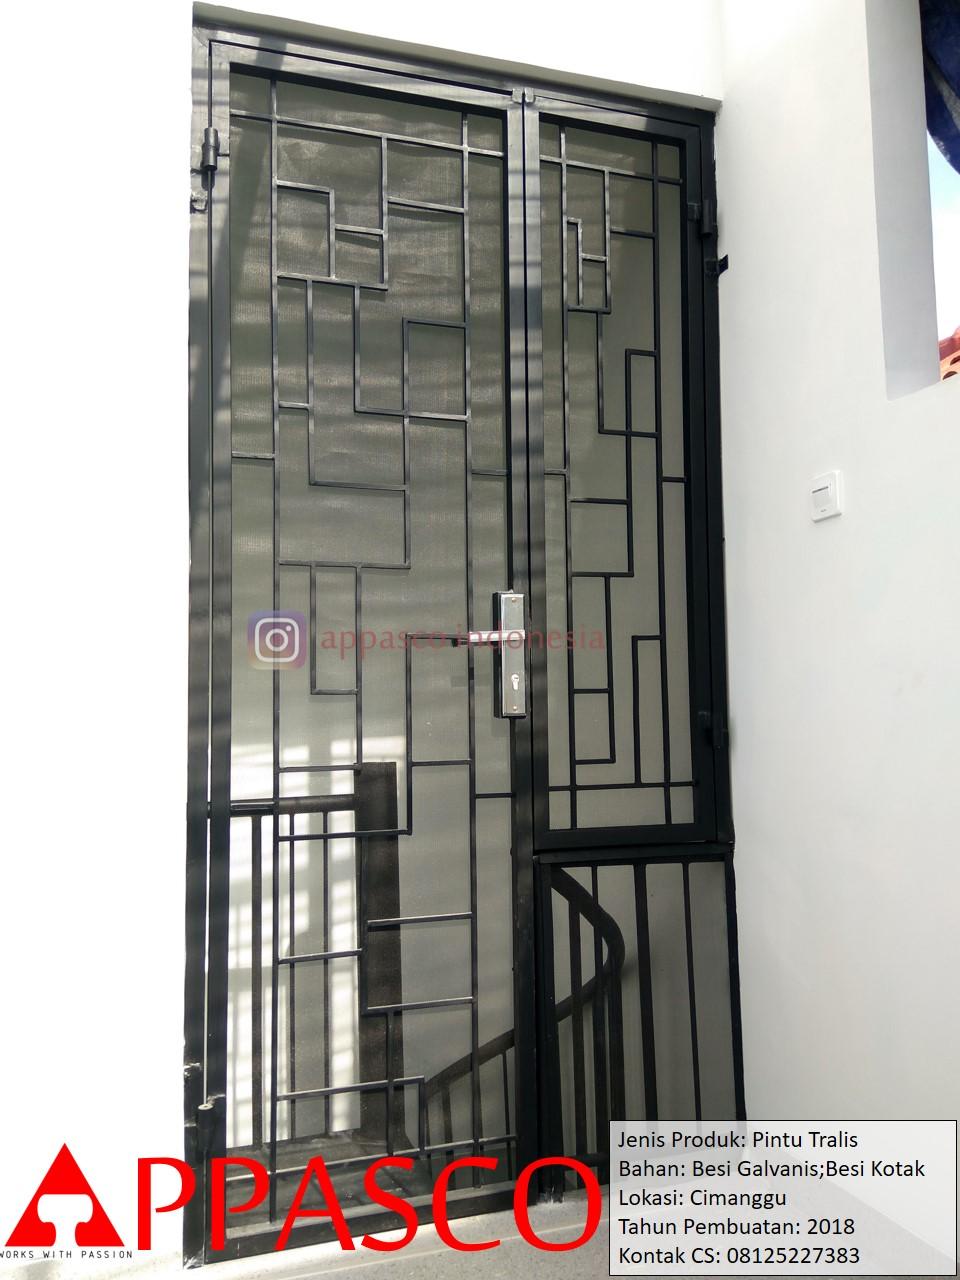 Pintu Besi Teralis Galvanis Siku dan Kotak di Cimanggu